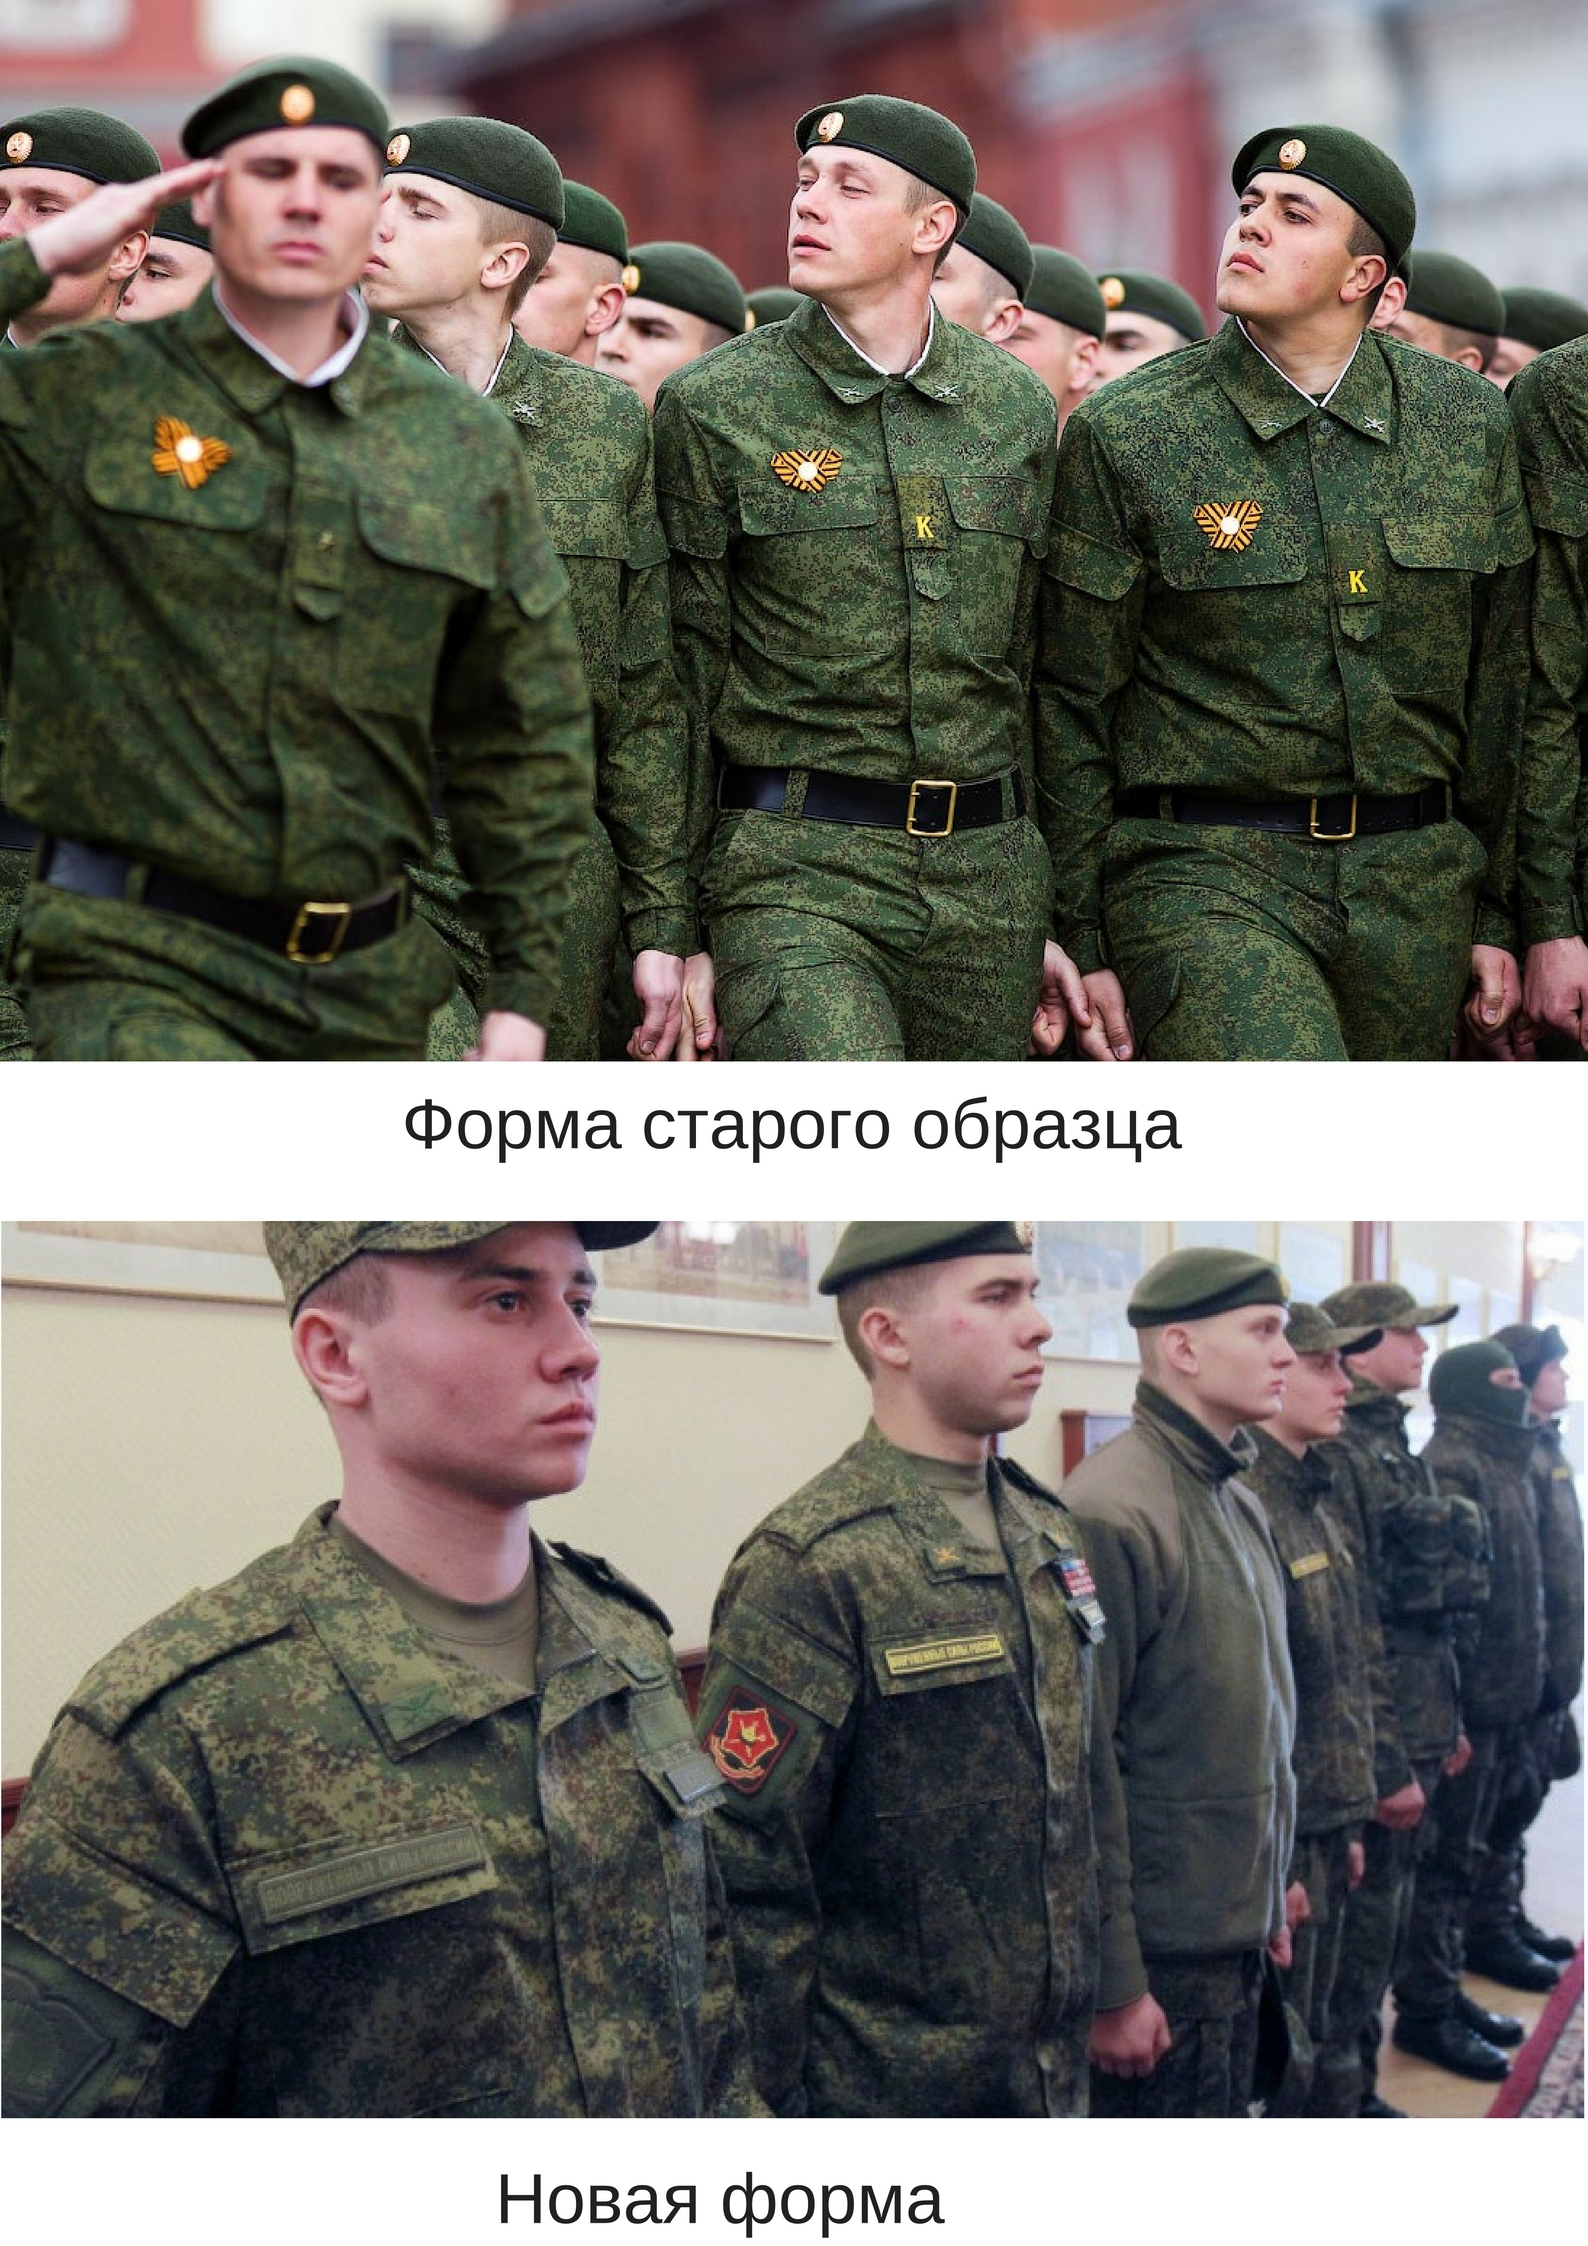 berut li v armiju s zobom ogranicheniya osvobozhdenie i prizyv v 2021 godu